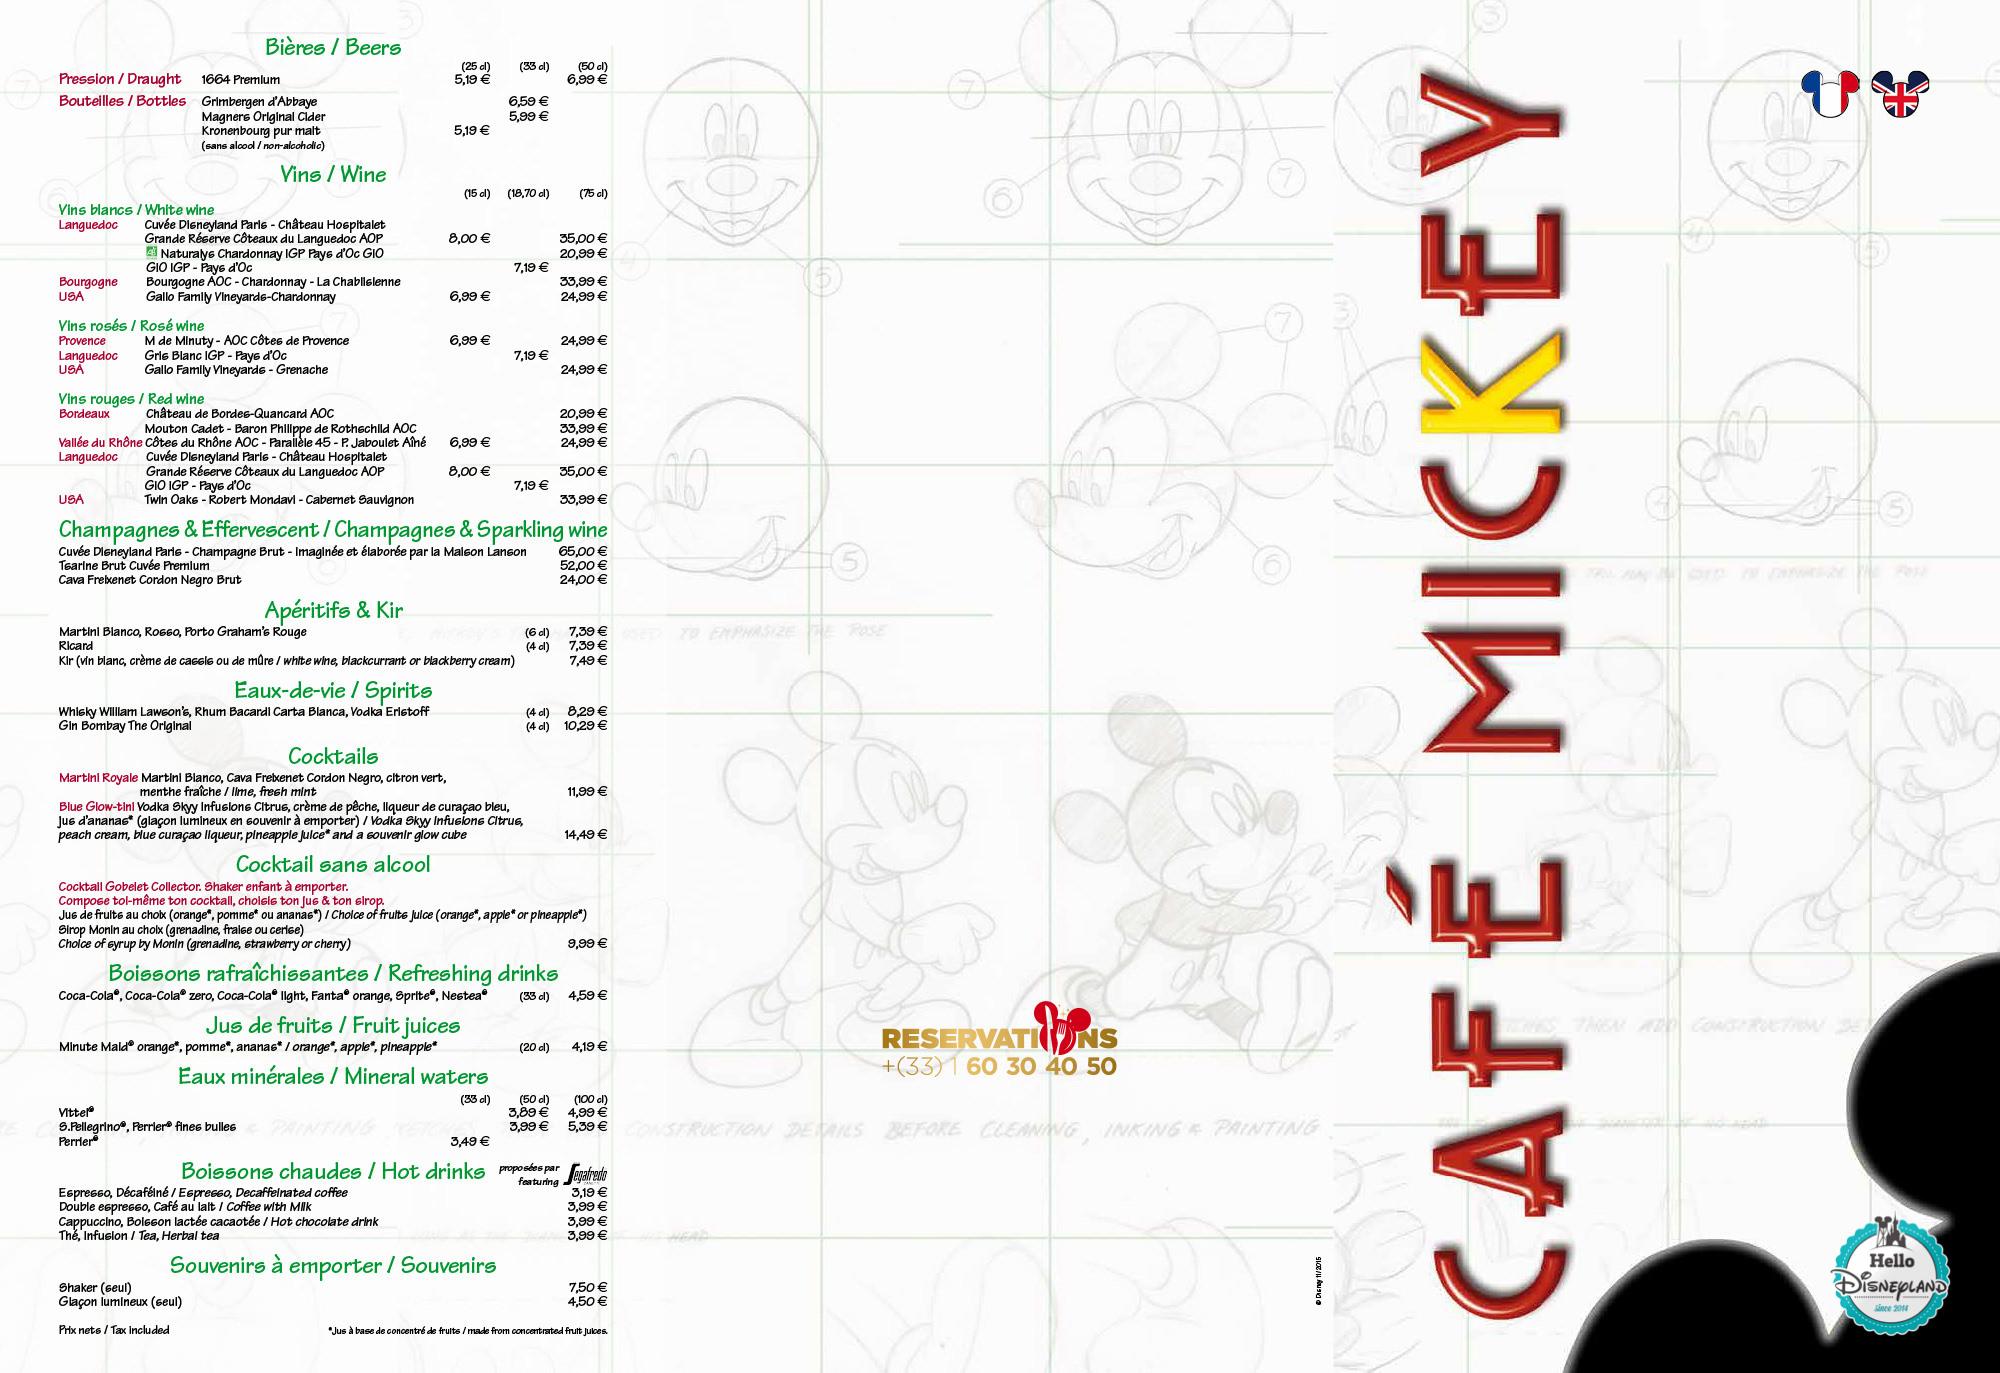 menu café mickey 2015 2016 Disneyland Paris